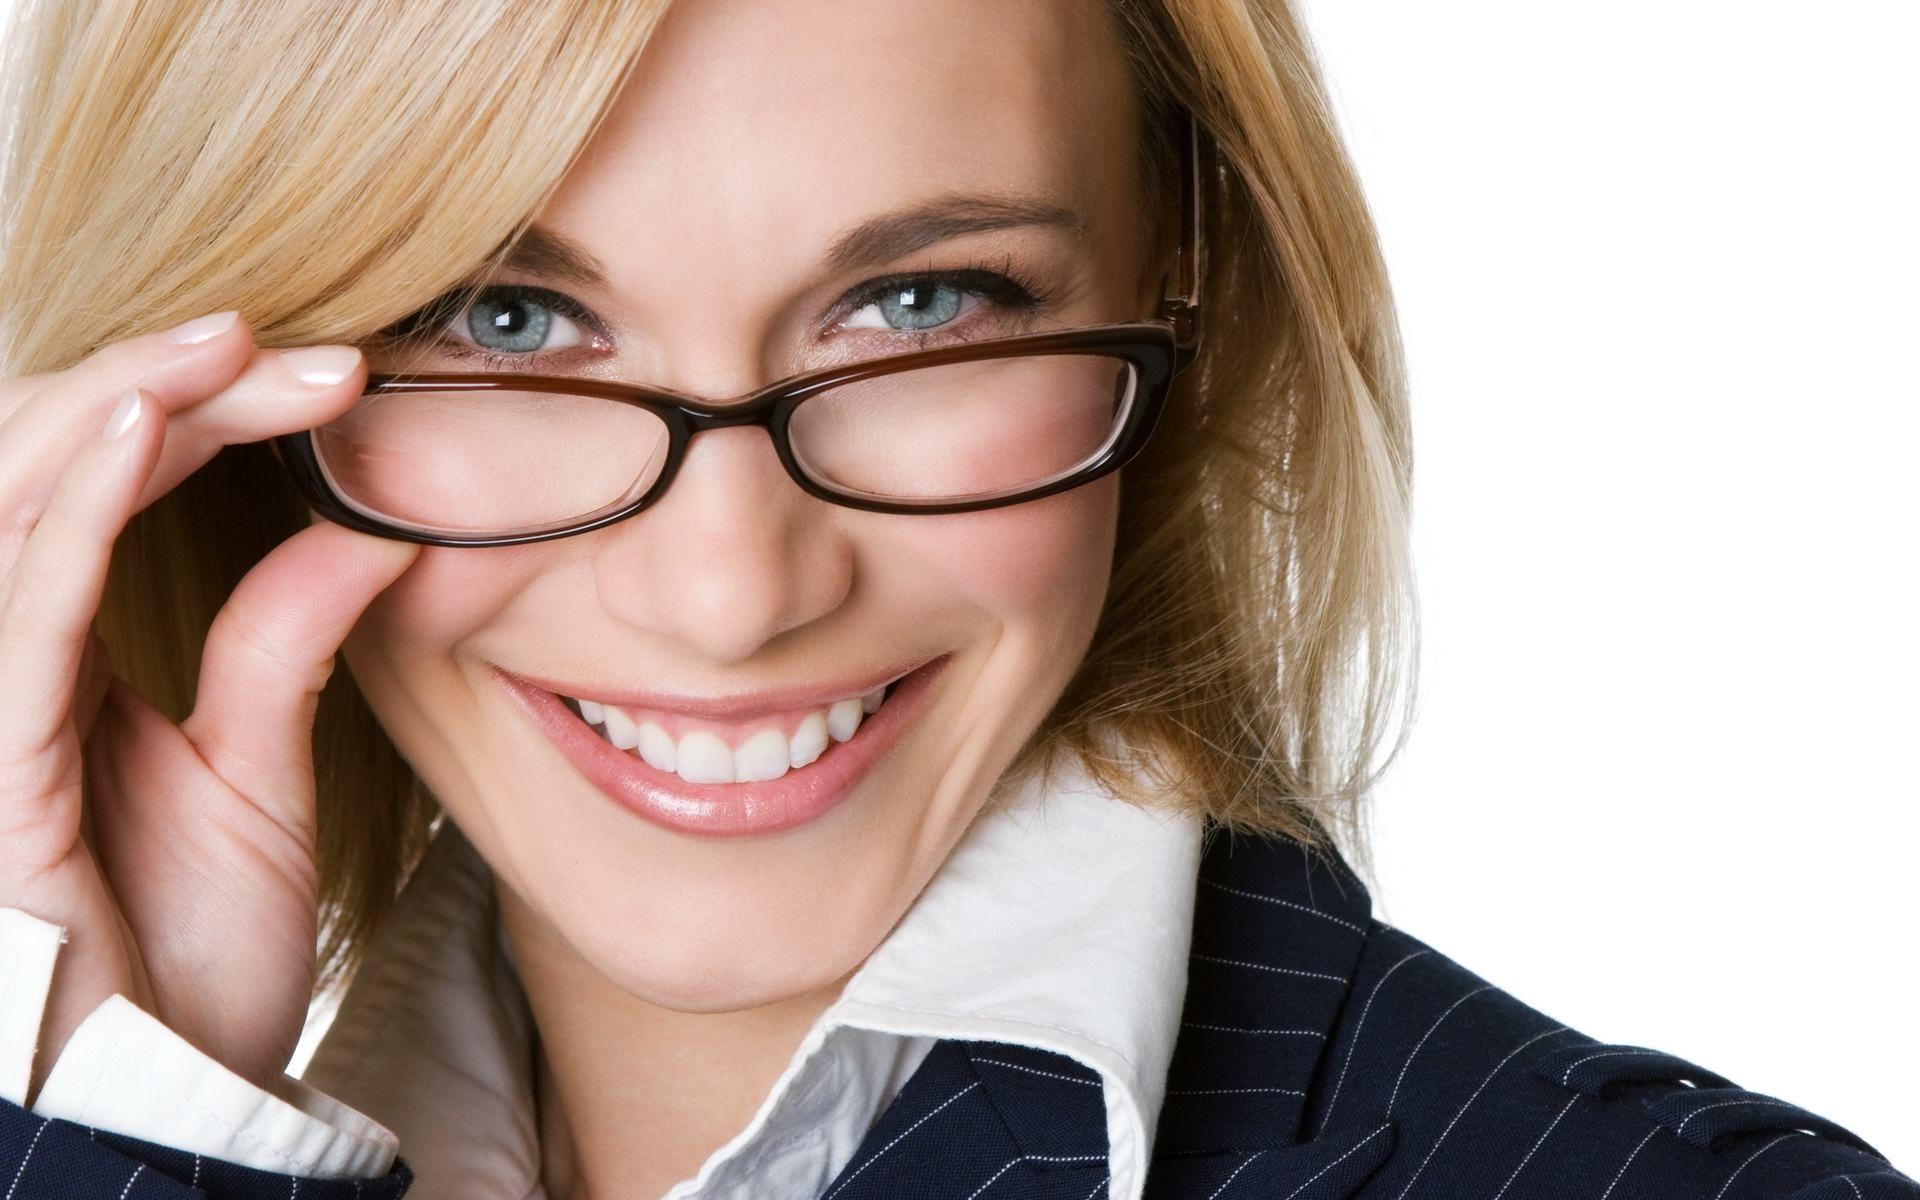 Beautiful Girl Smiling Wearing Glasses Wallpaper